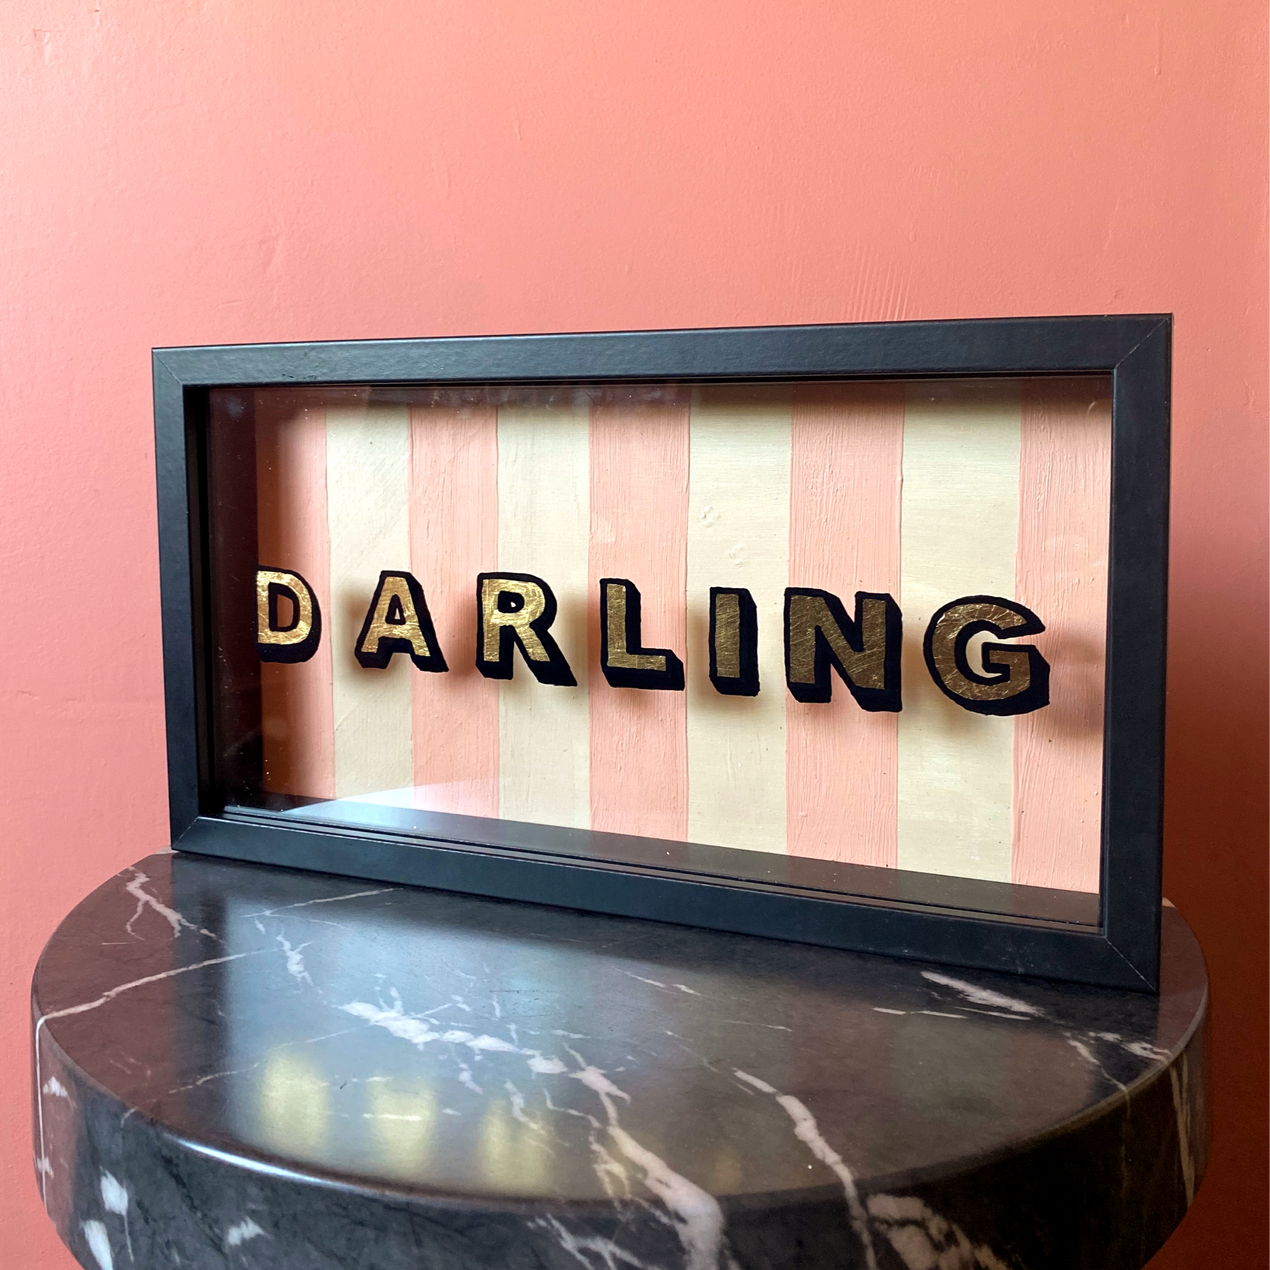 gold leaf darling sign